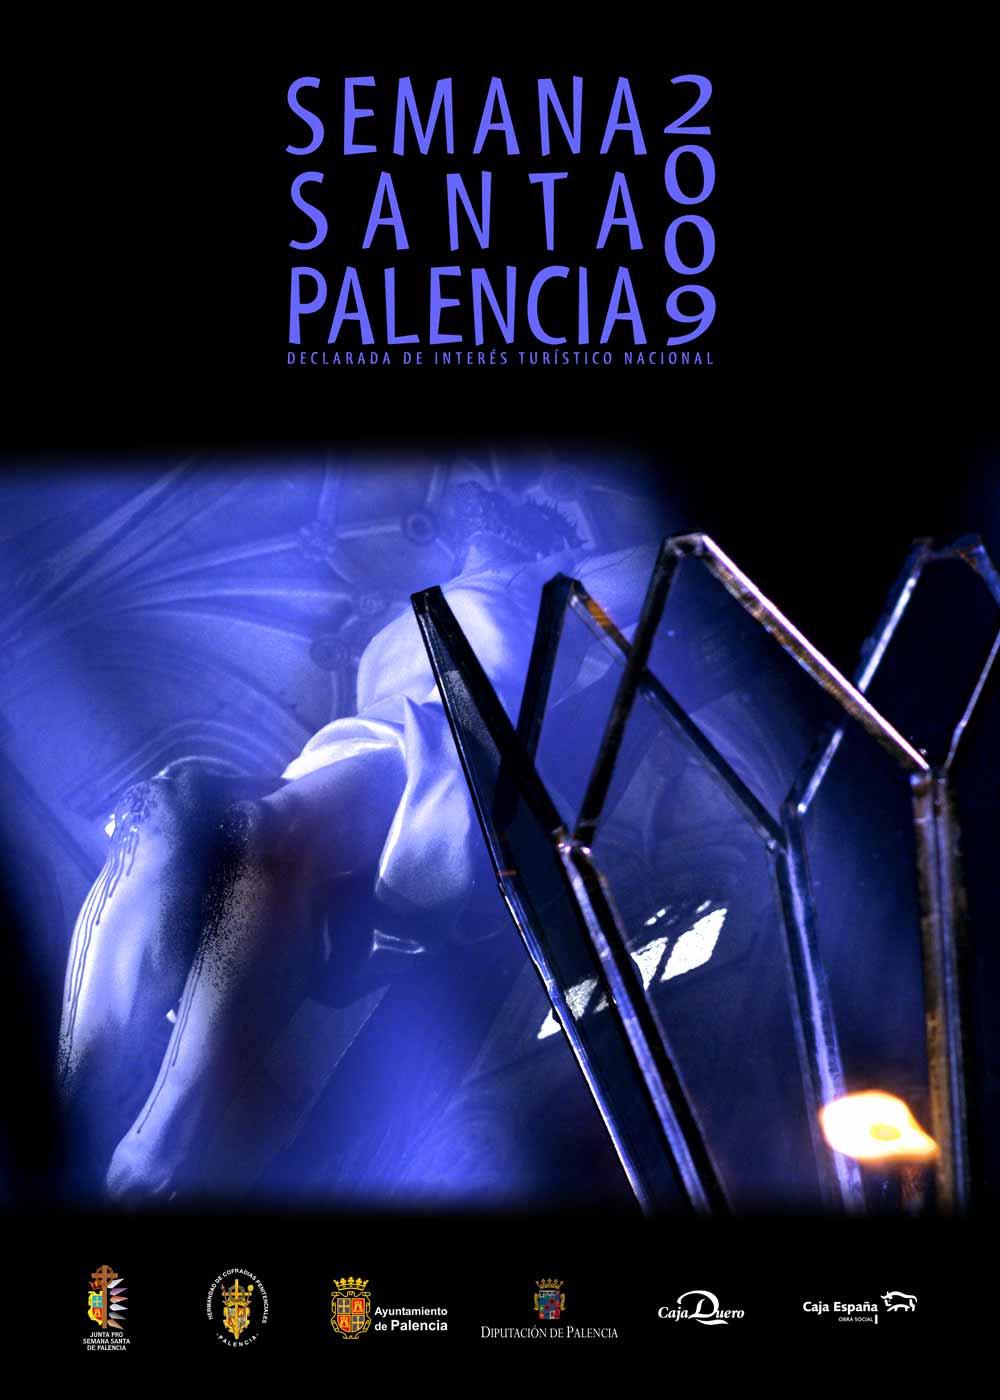 Cartel de la Semana Santa Palencia 2009